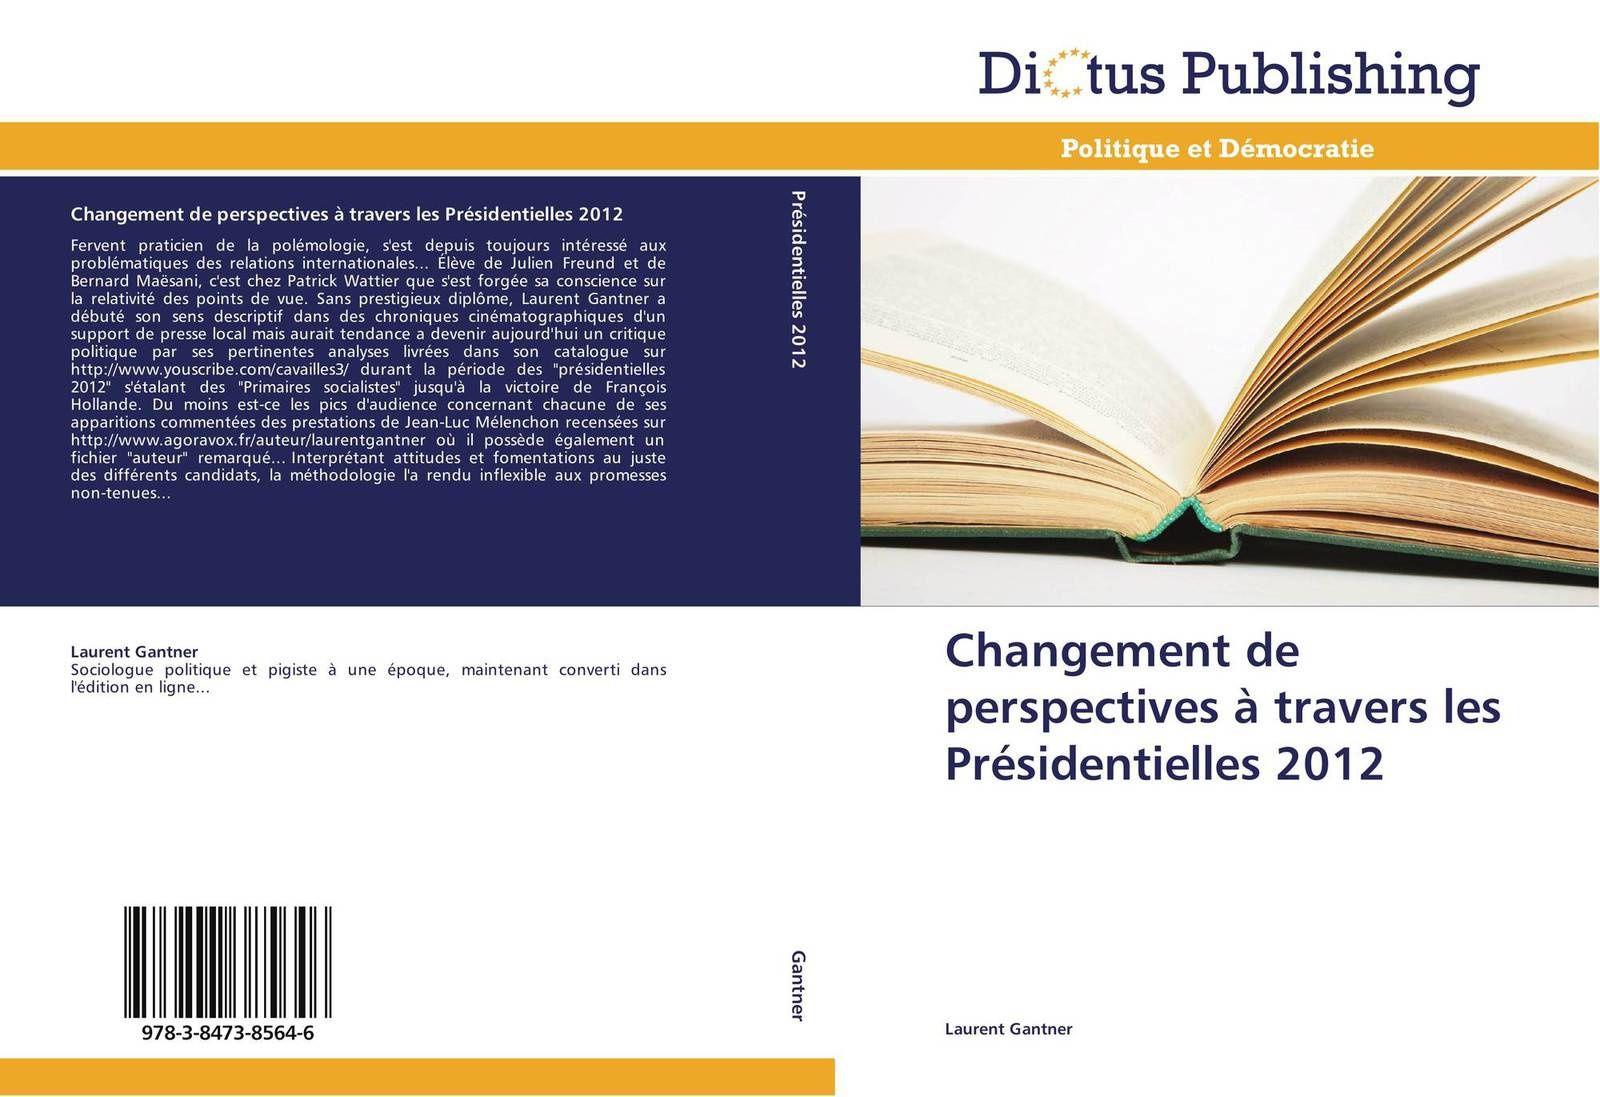 Changement de perspectives à travers les Présidentielles 2012